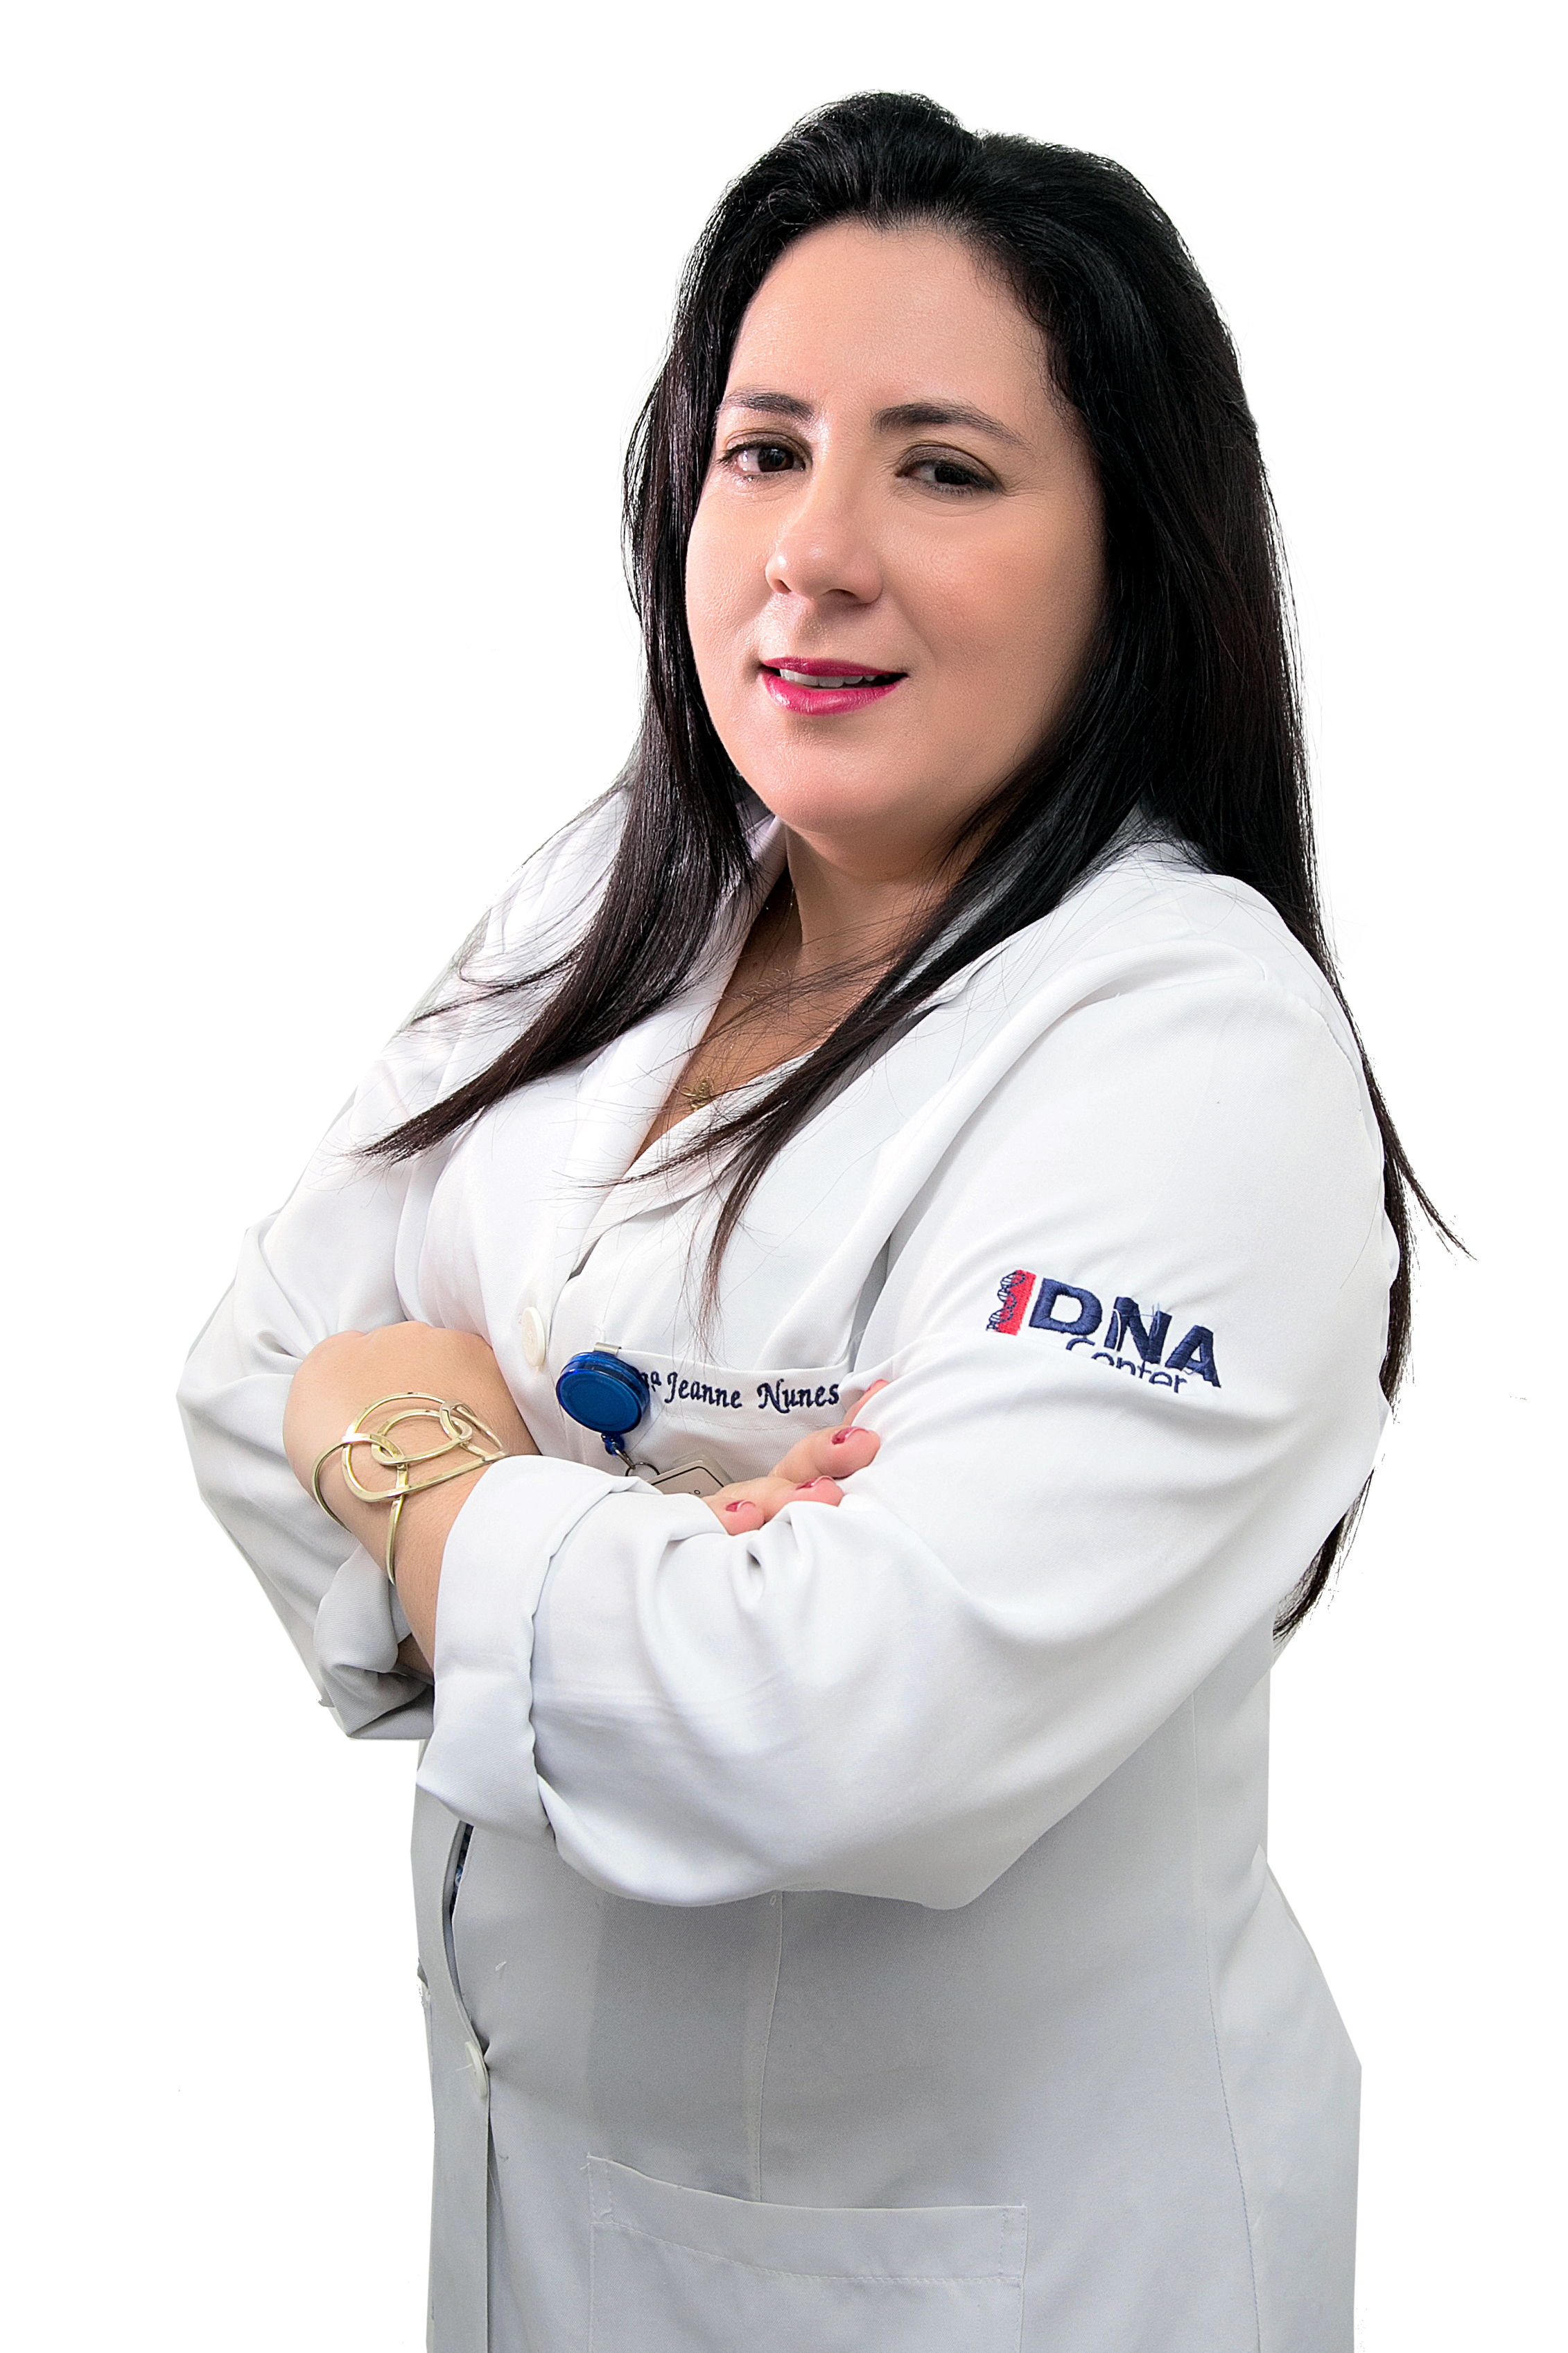 Jeanne Nunes